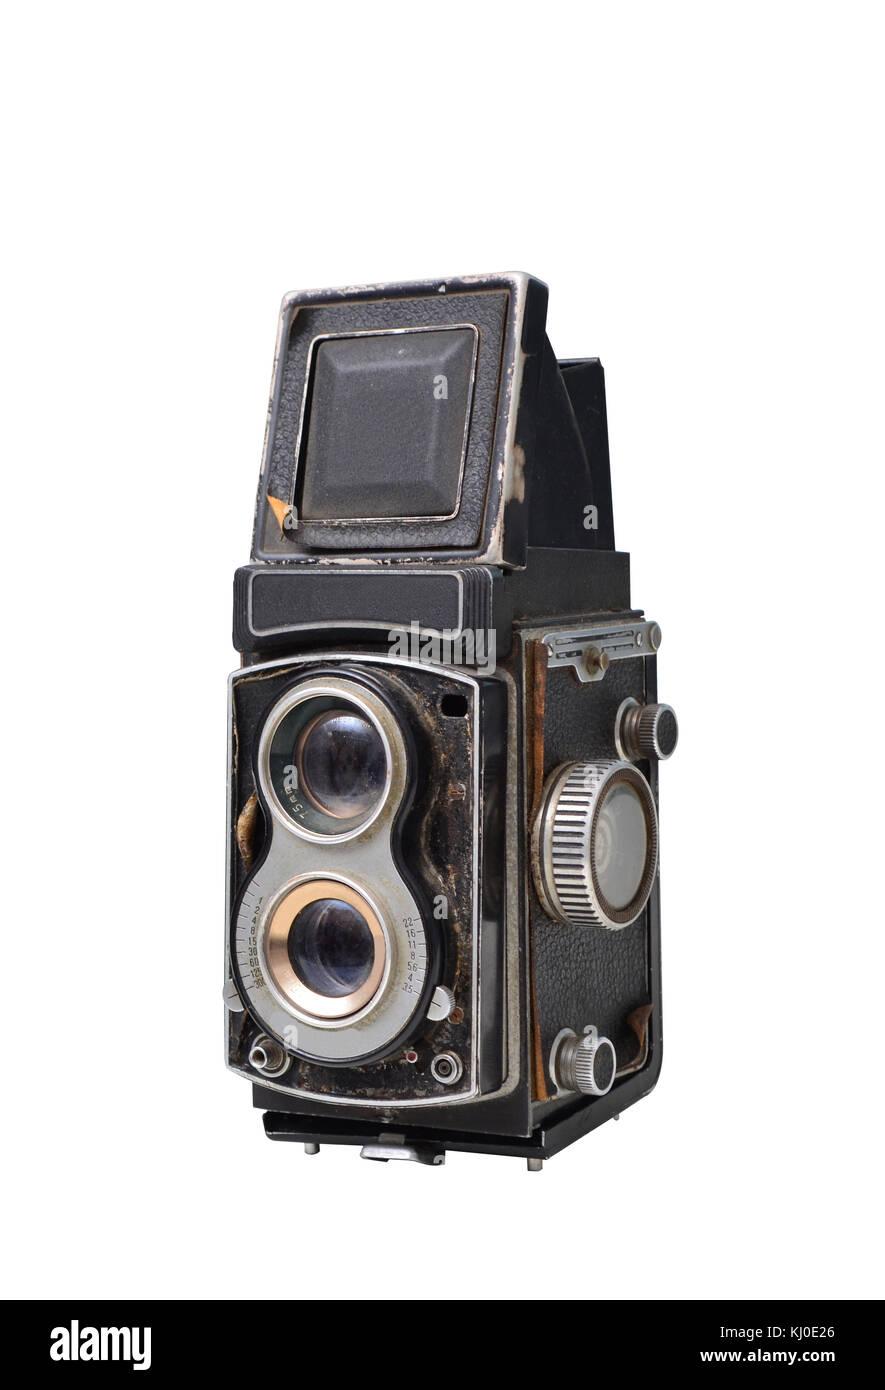 Telecamera di antiquariato su sfondo bianco Immagini Stock